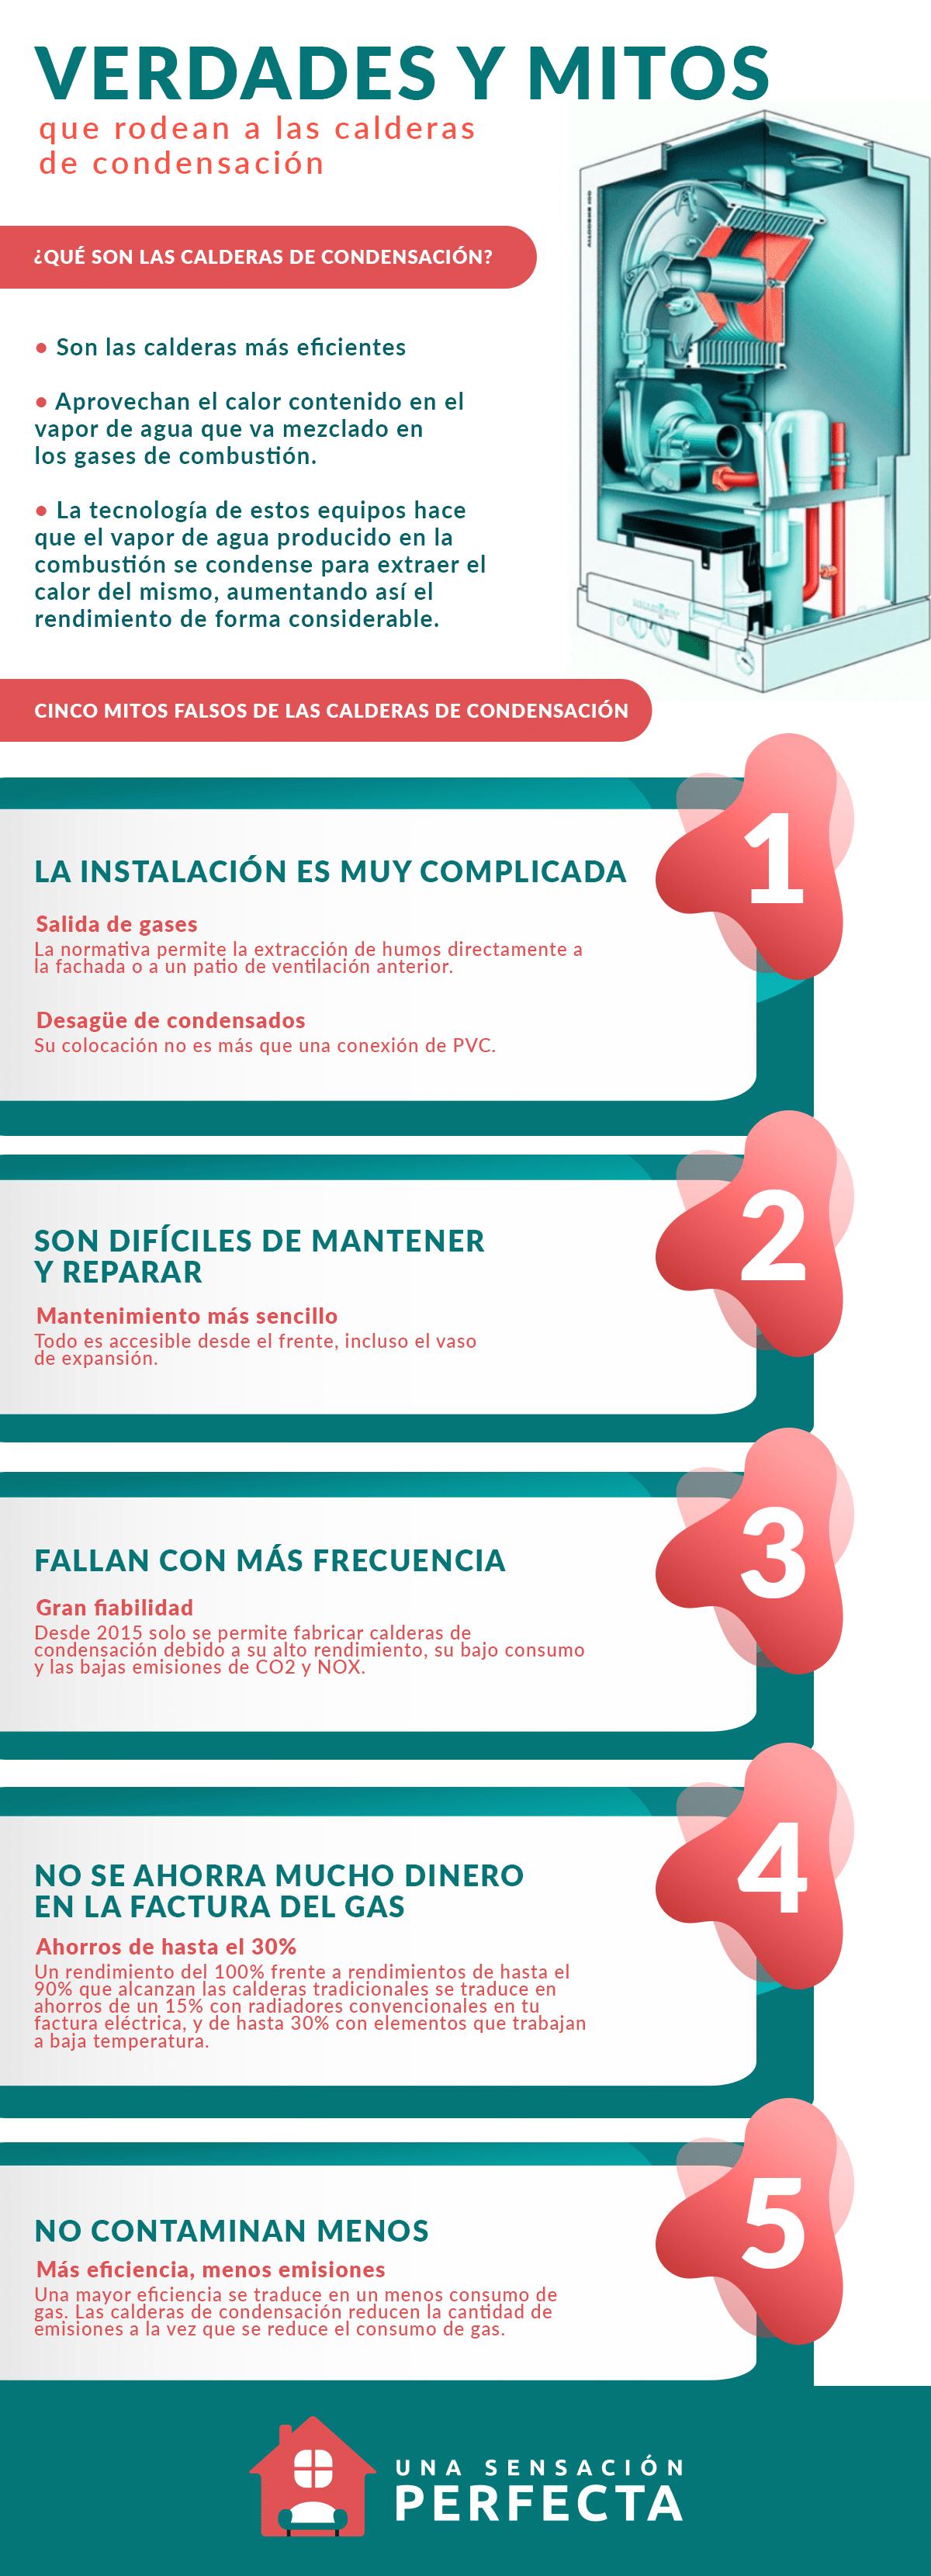 verdades y mitos sobre las calderas de condensación - unasensacionperfecta.es